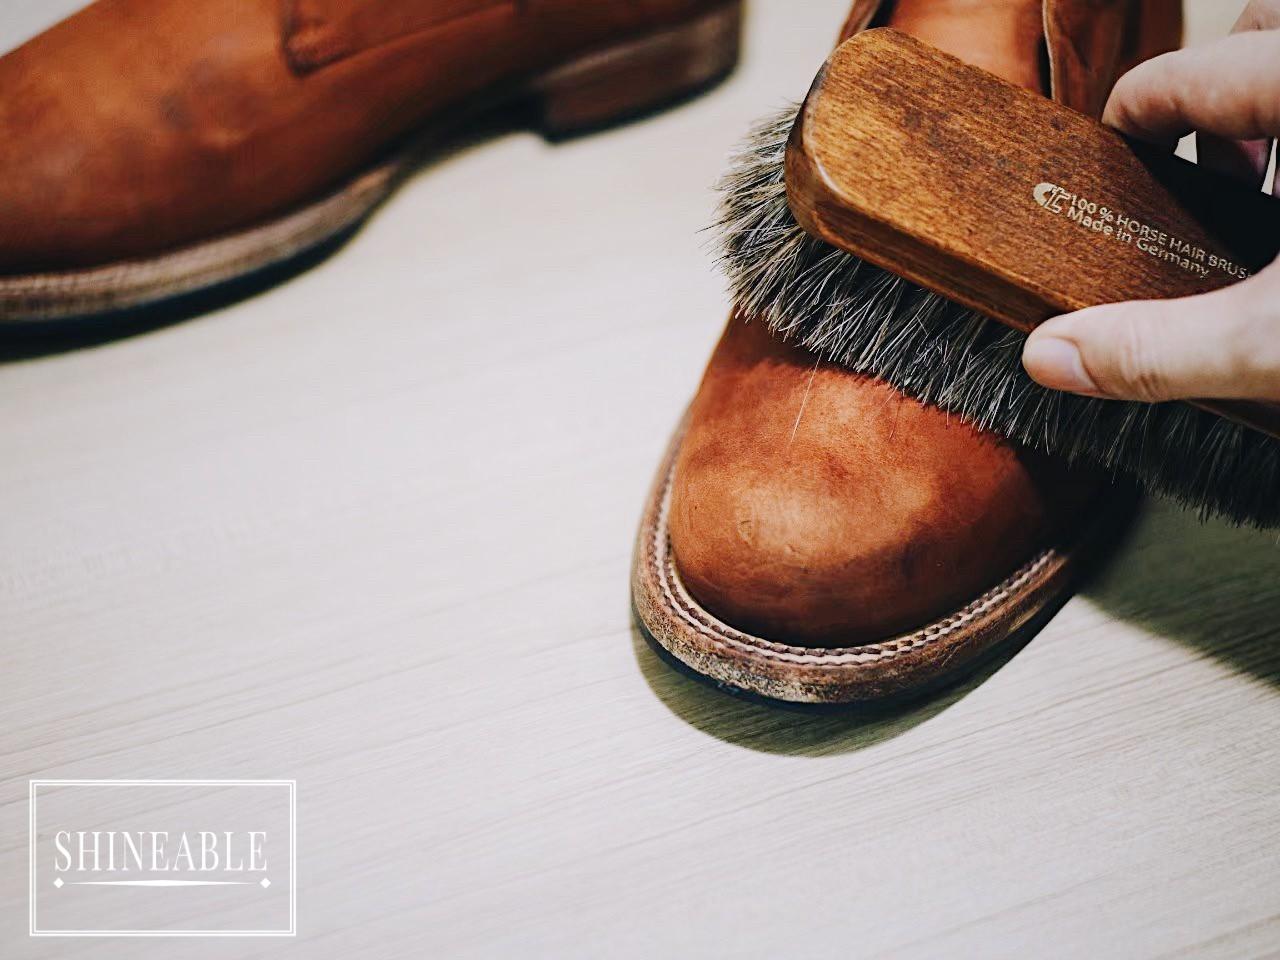 Mink oil leather care